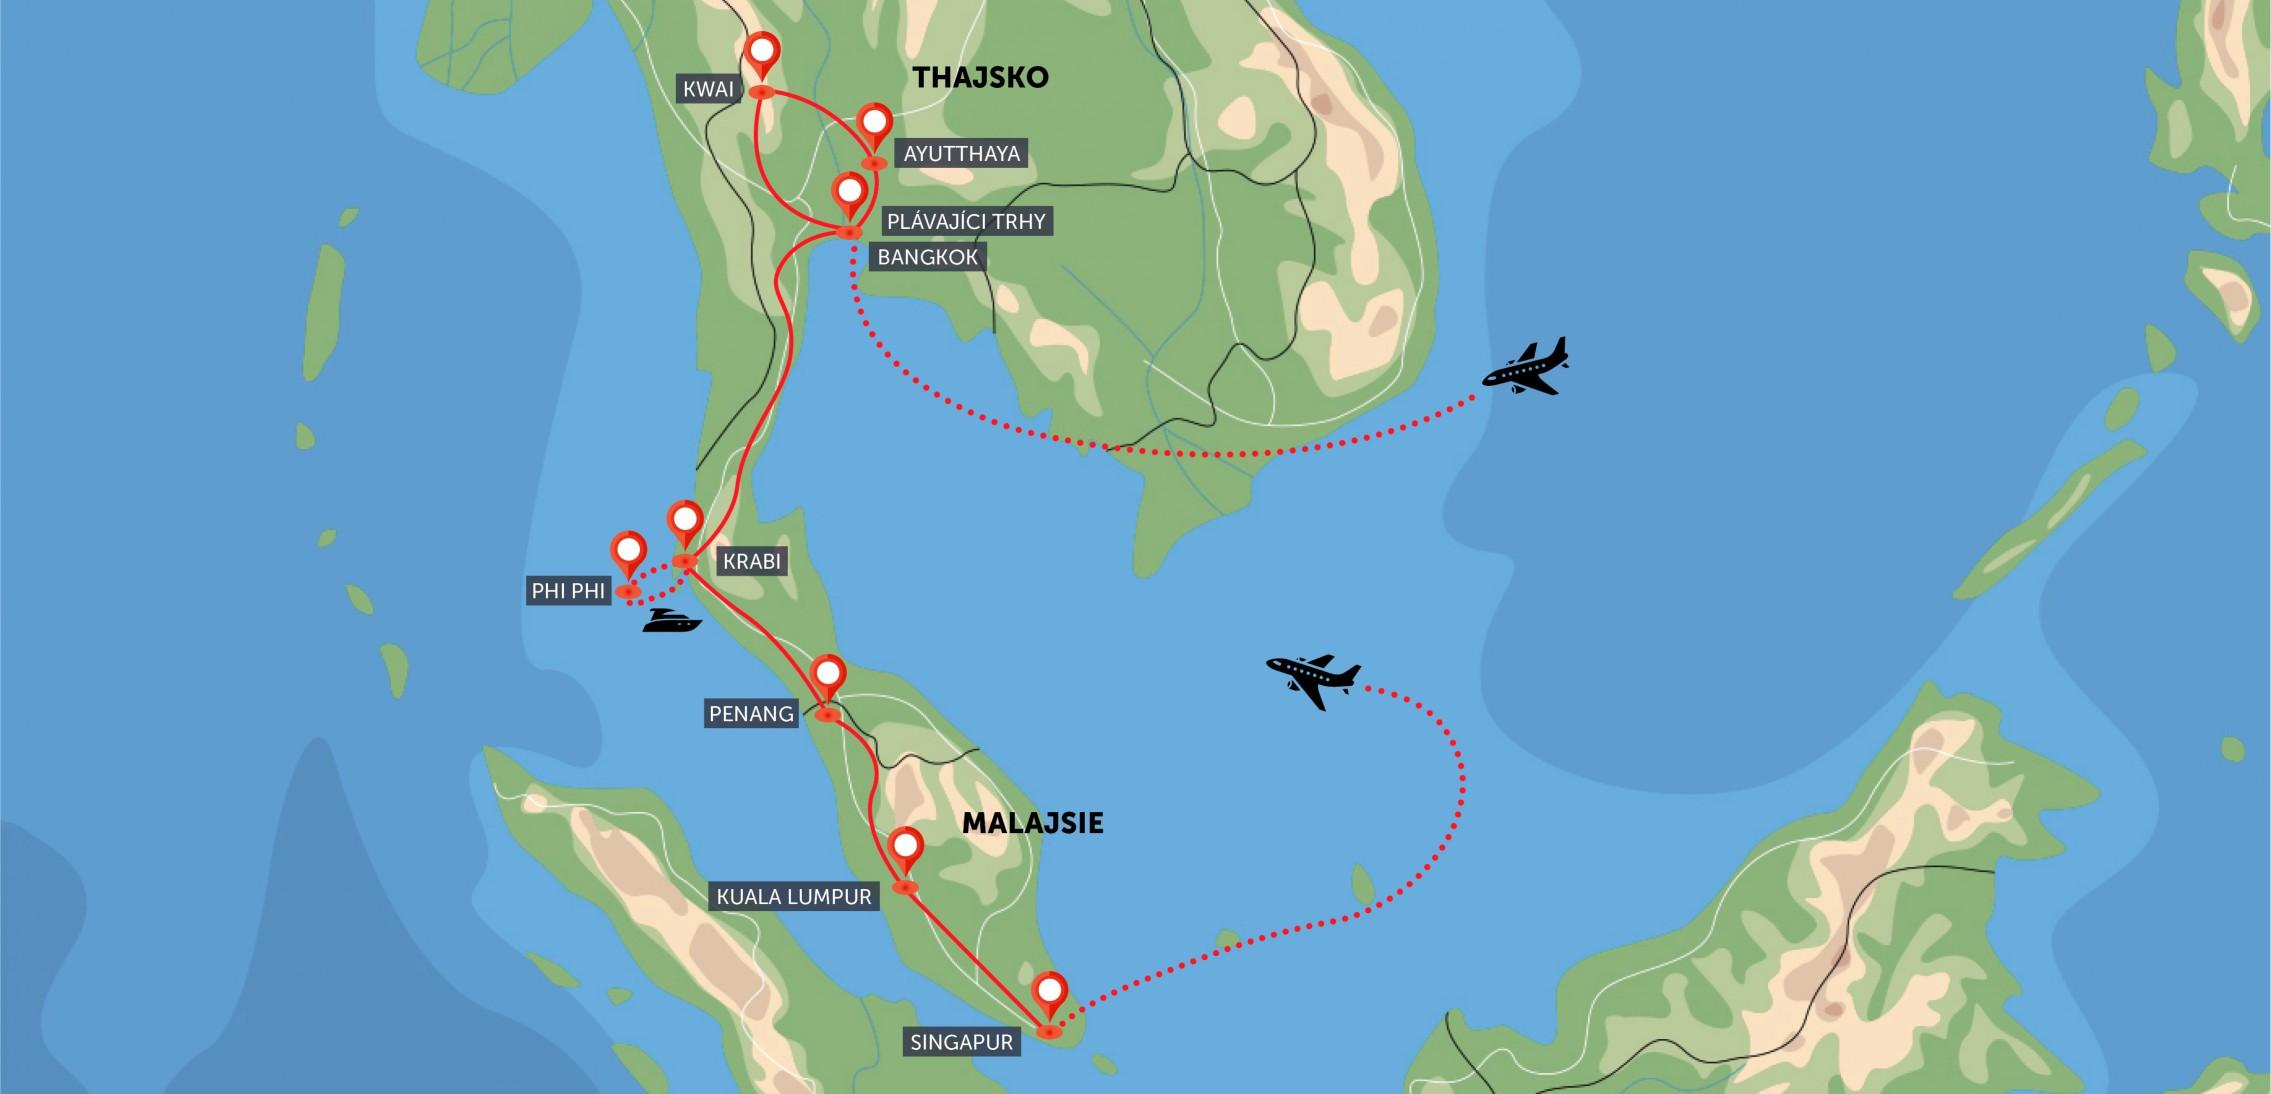 Thajsko, Malajsie, Singapur